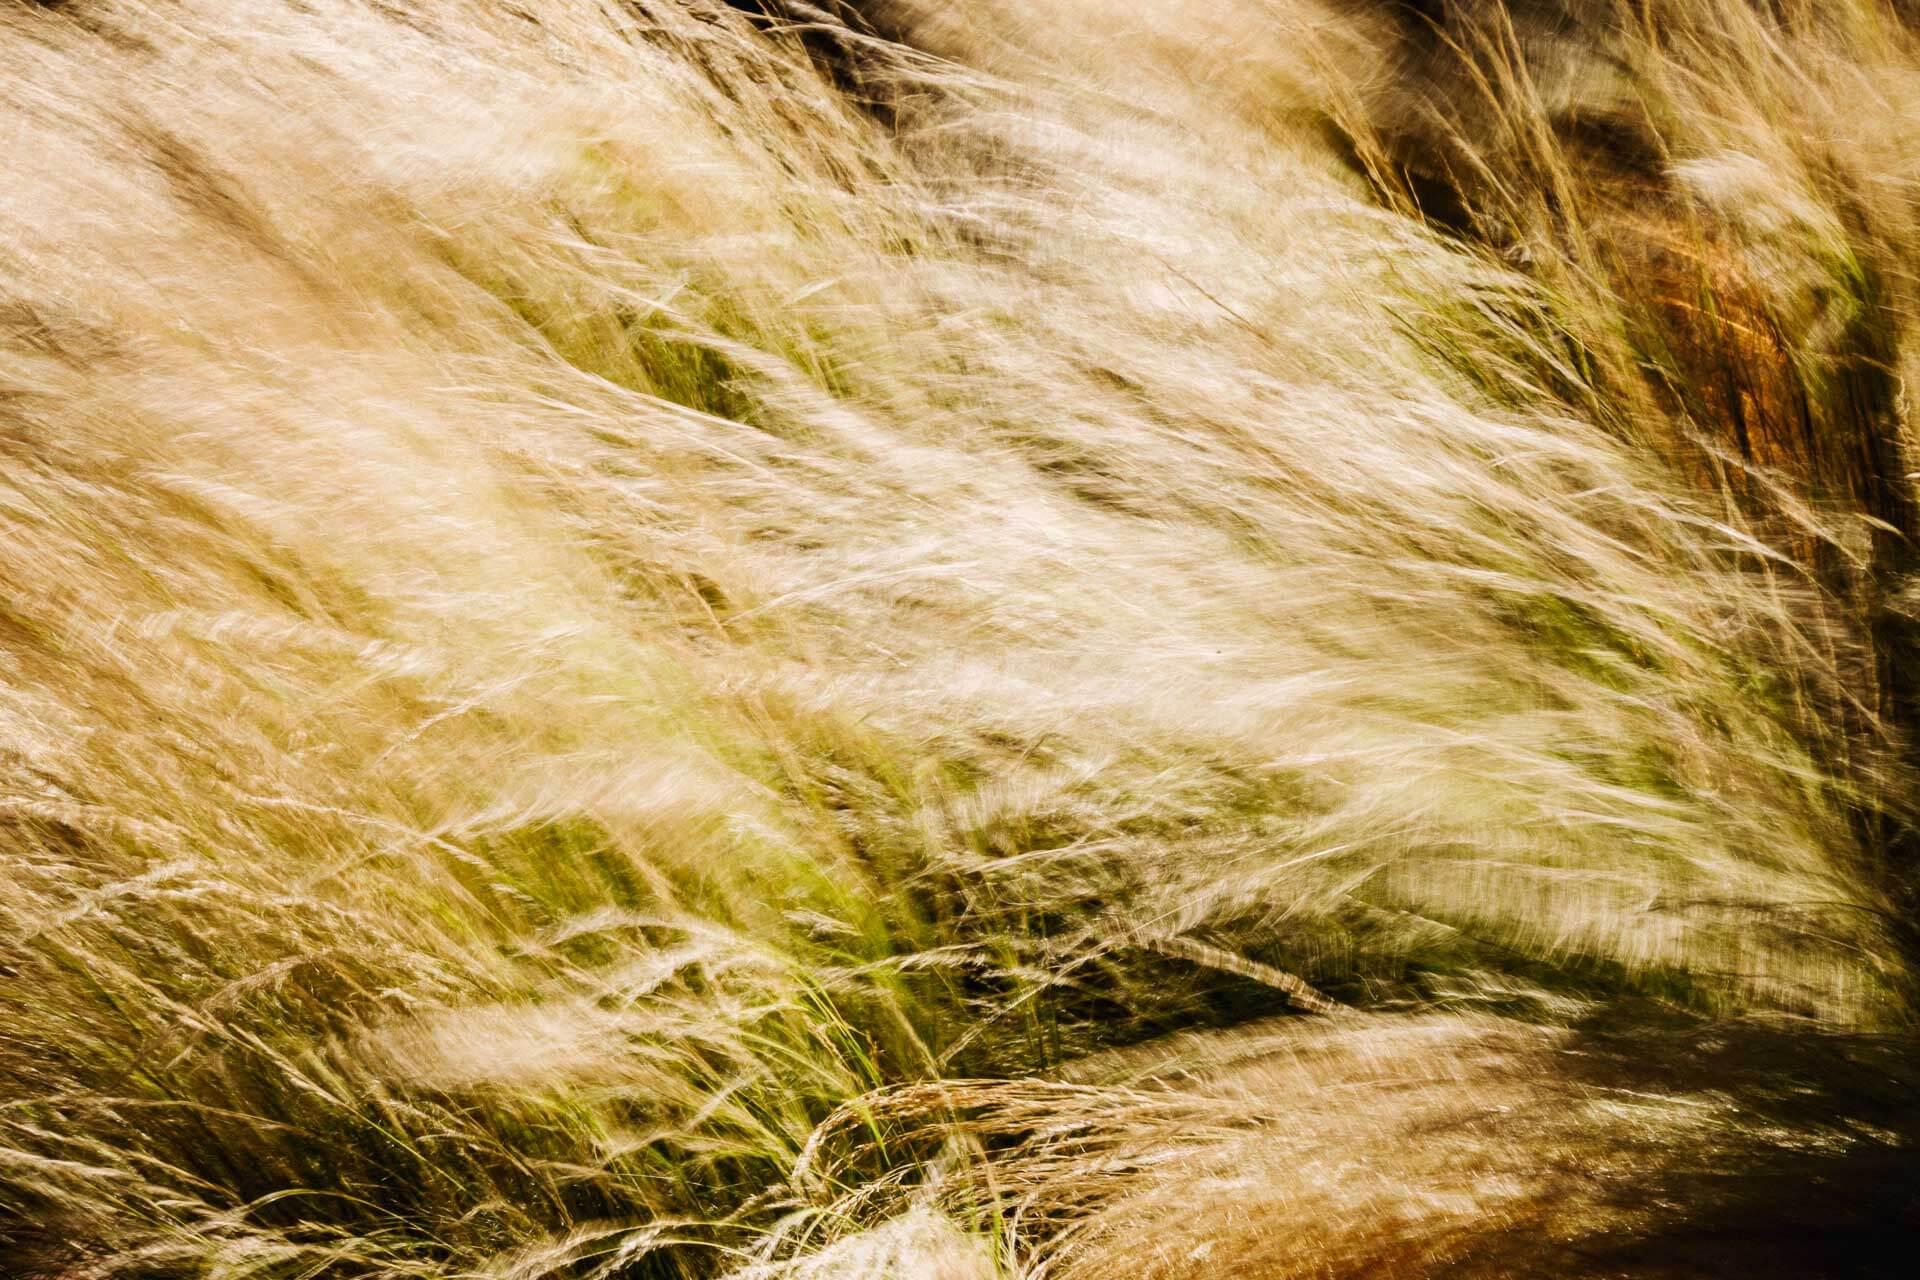 5-clefs-pour-reussir-a-se-lancer-en-tant-que-photographe-professionnel-3